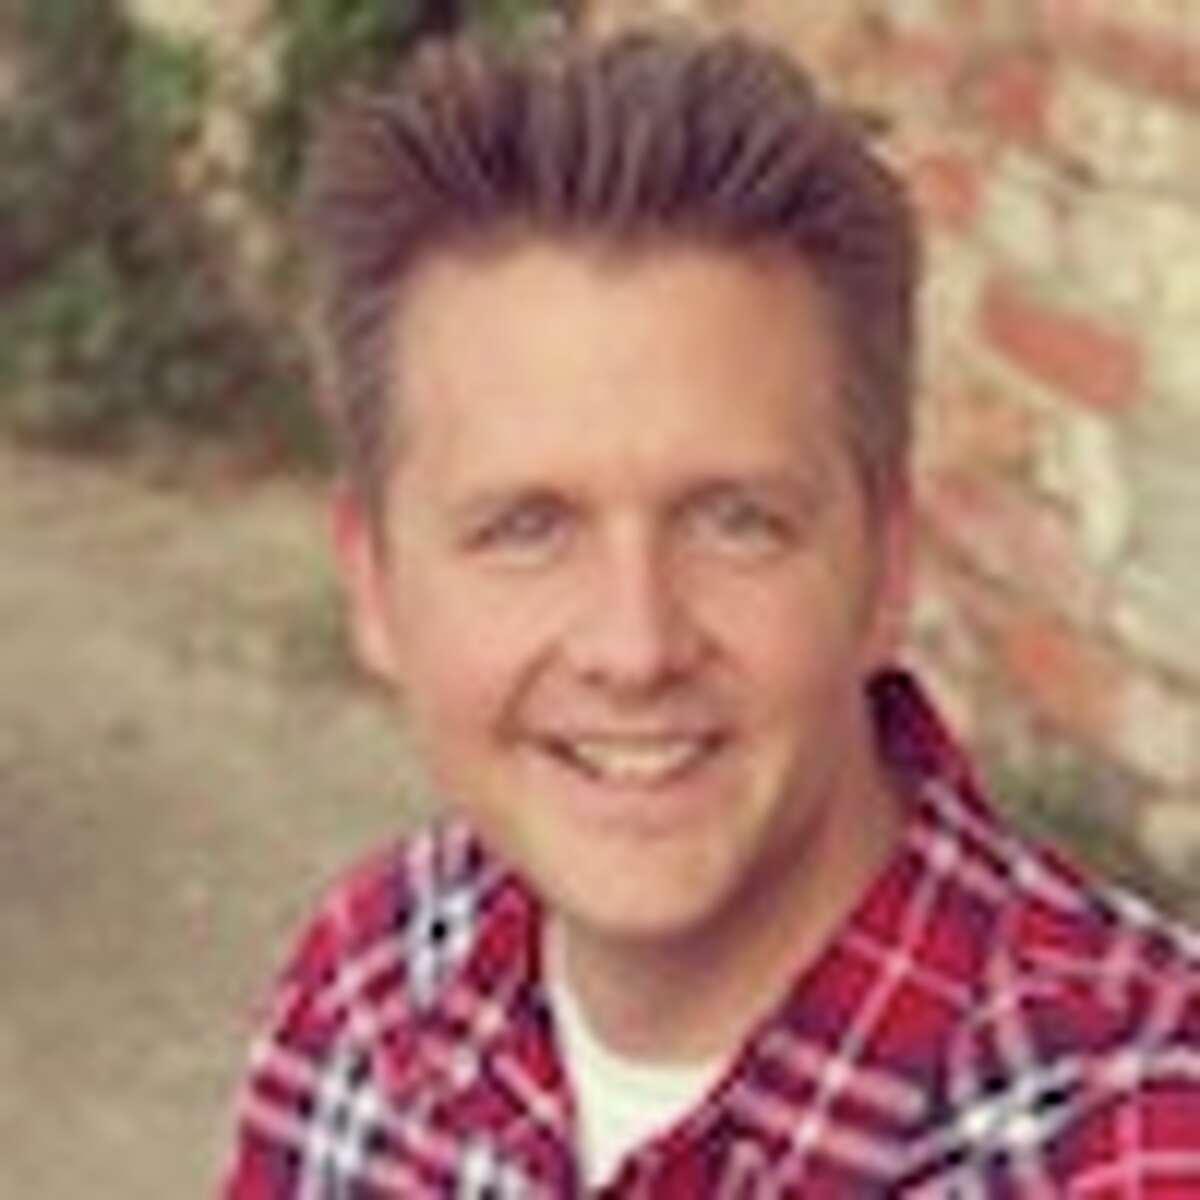 The Rev. Mark Sorensen